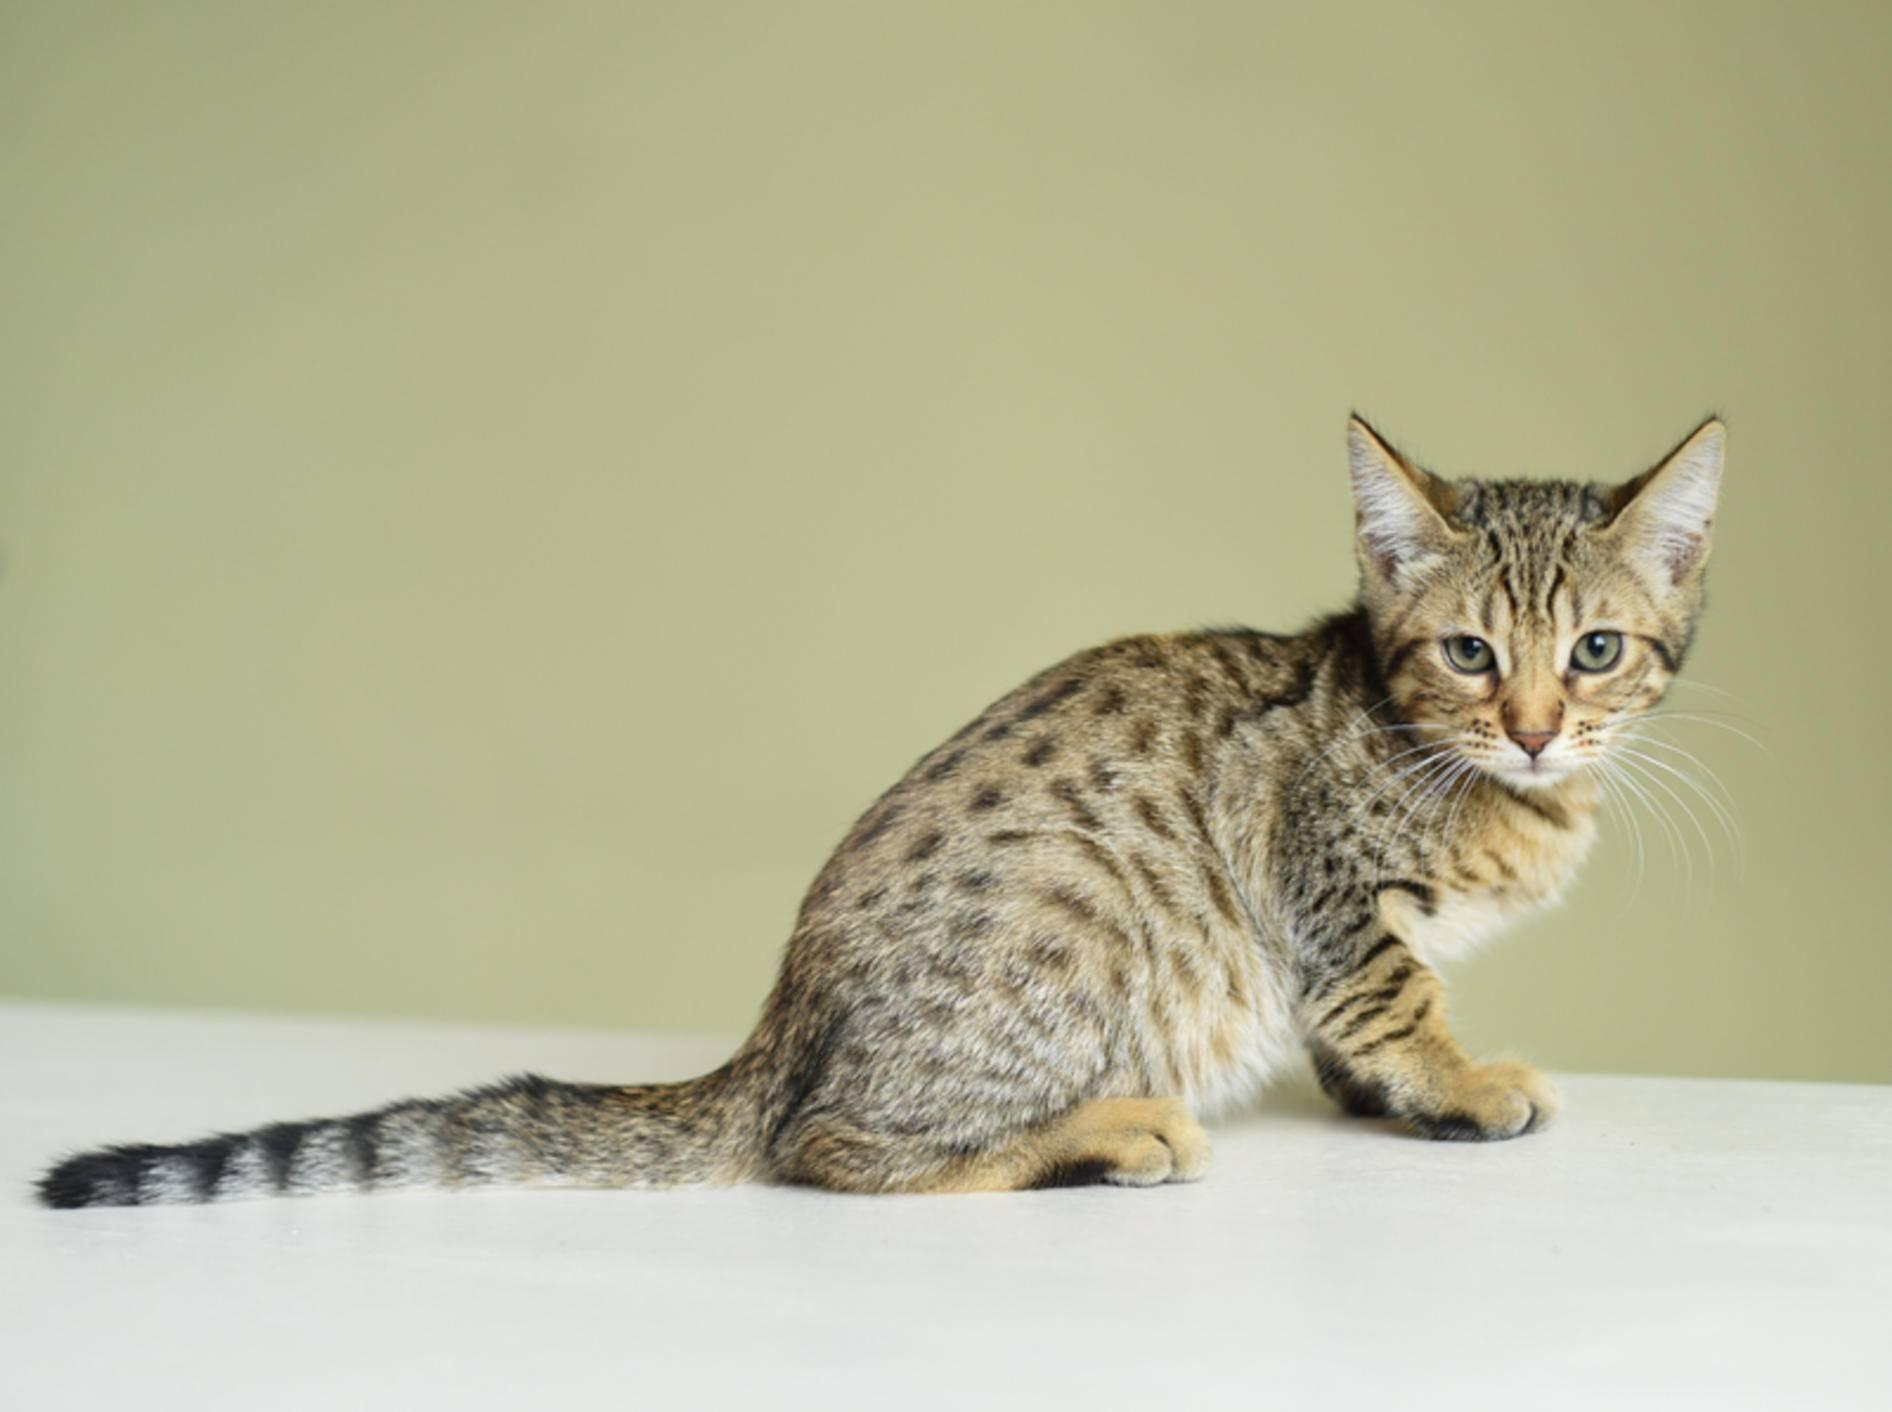 Savannah-Katzen stammen vom wilden Serval ab, was sich in ihrem exotischen Aussehen widerspiegelt – Shutterstock / Korneevets-Vydrenkova